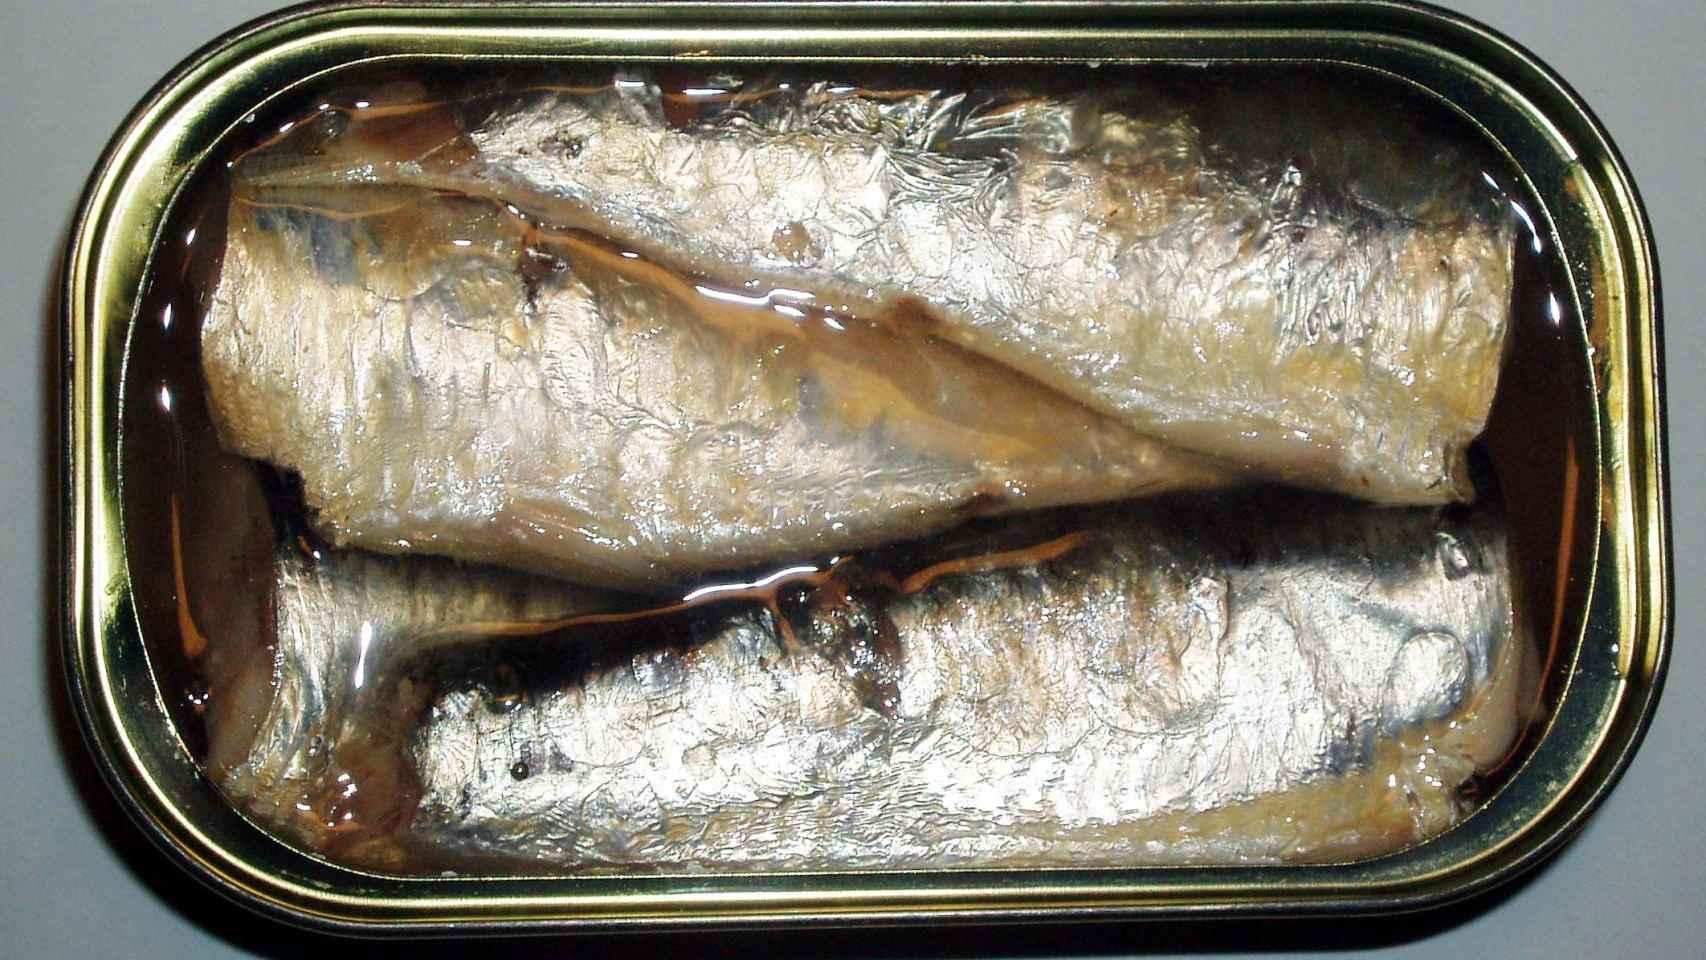 Estos son los beneficios que esconde una simple lata de sardinas